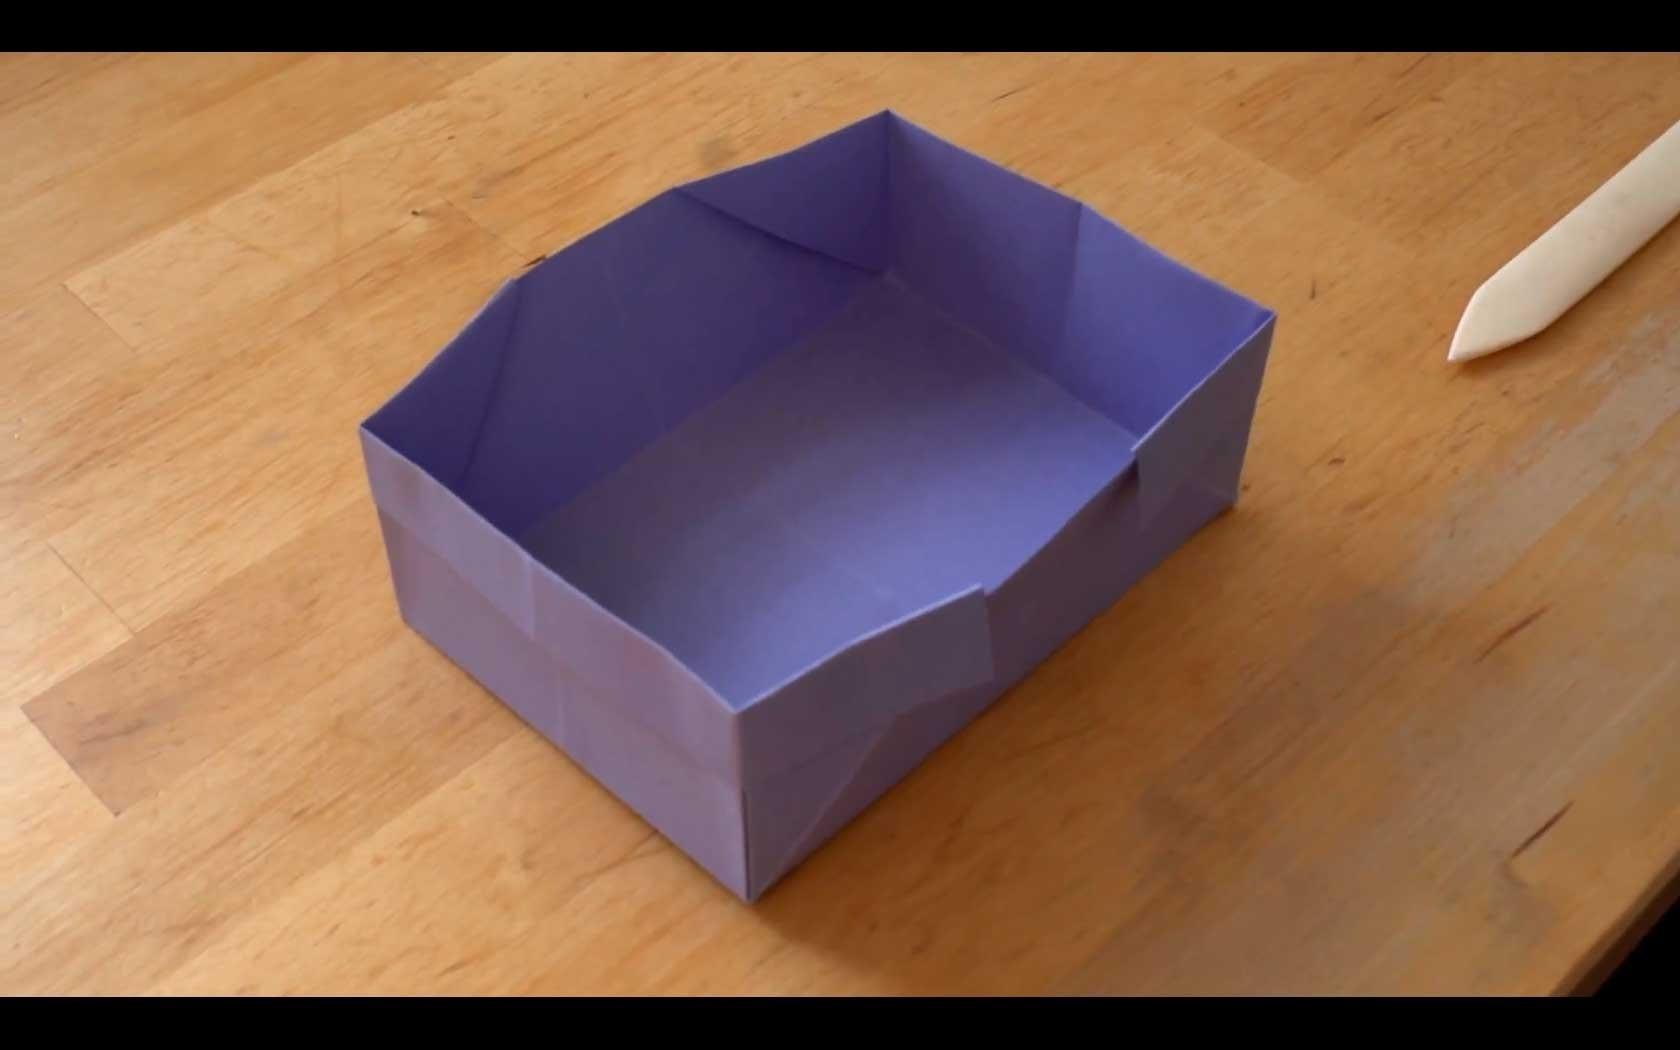 How To Make an Origami Box - Falte Dir eine Origami-Schachtel!